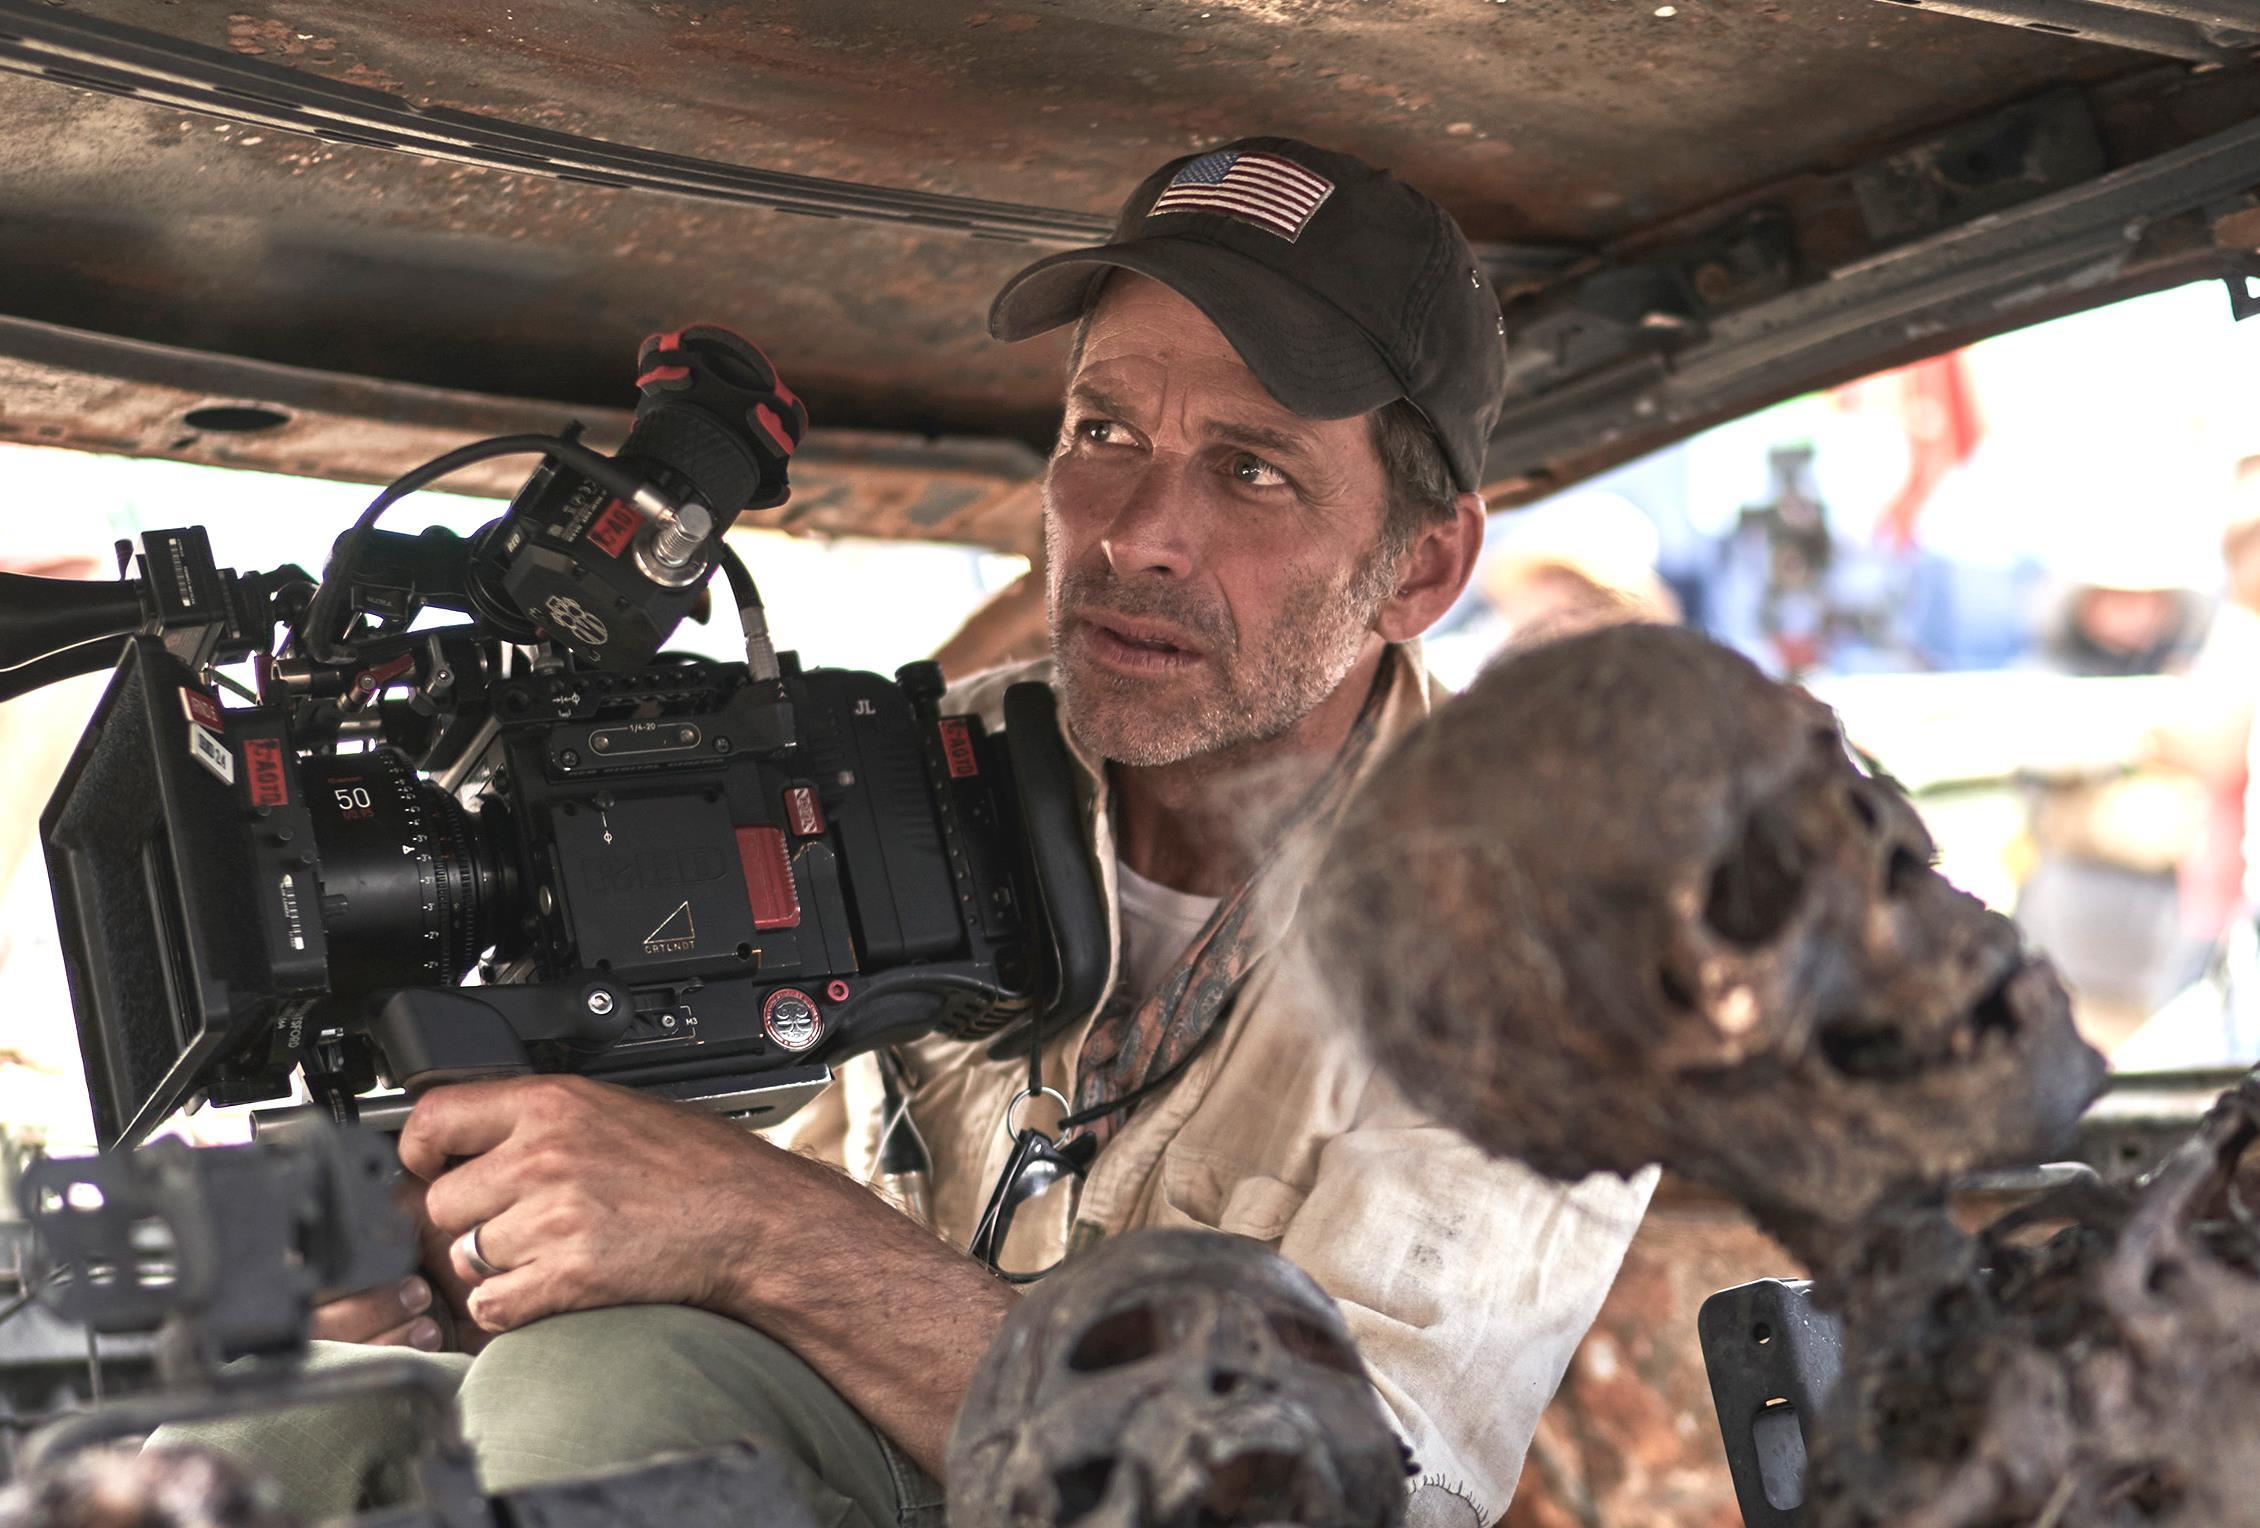 Zack Snyder explica por que não fez Army of the Dead com a Warner Bros.